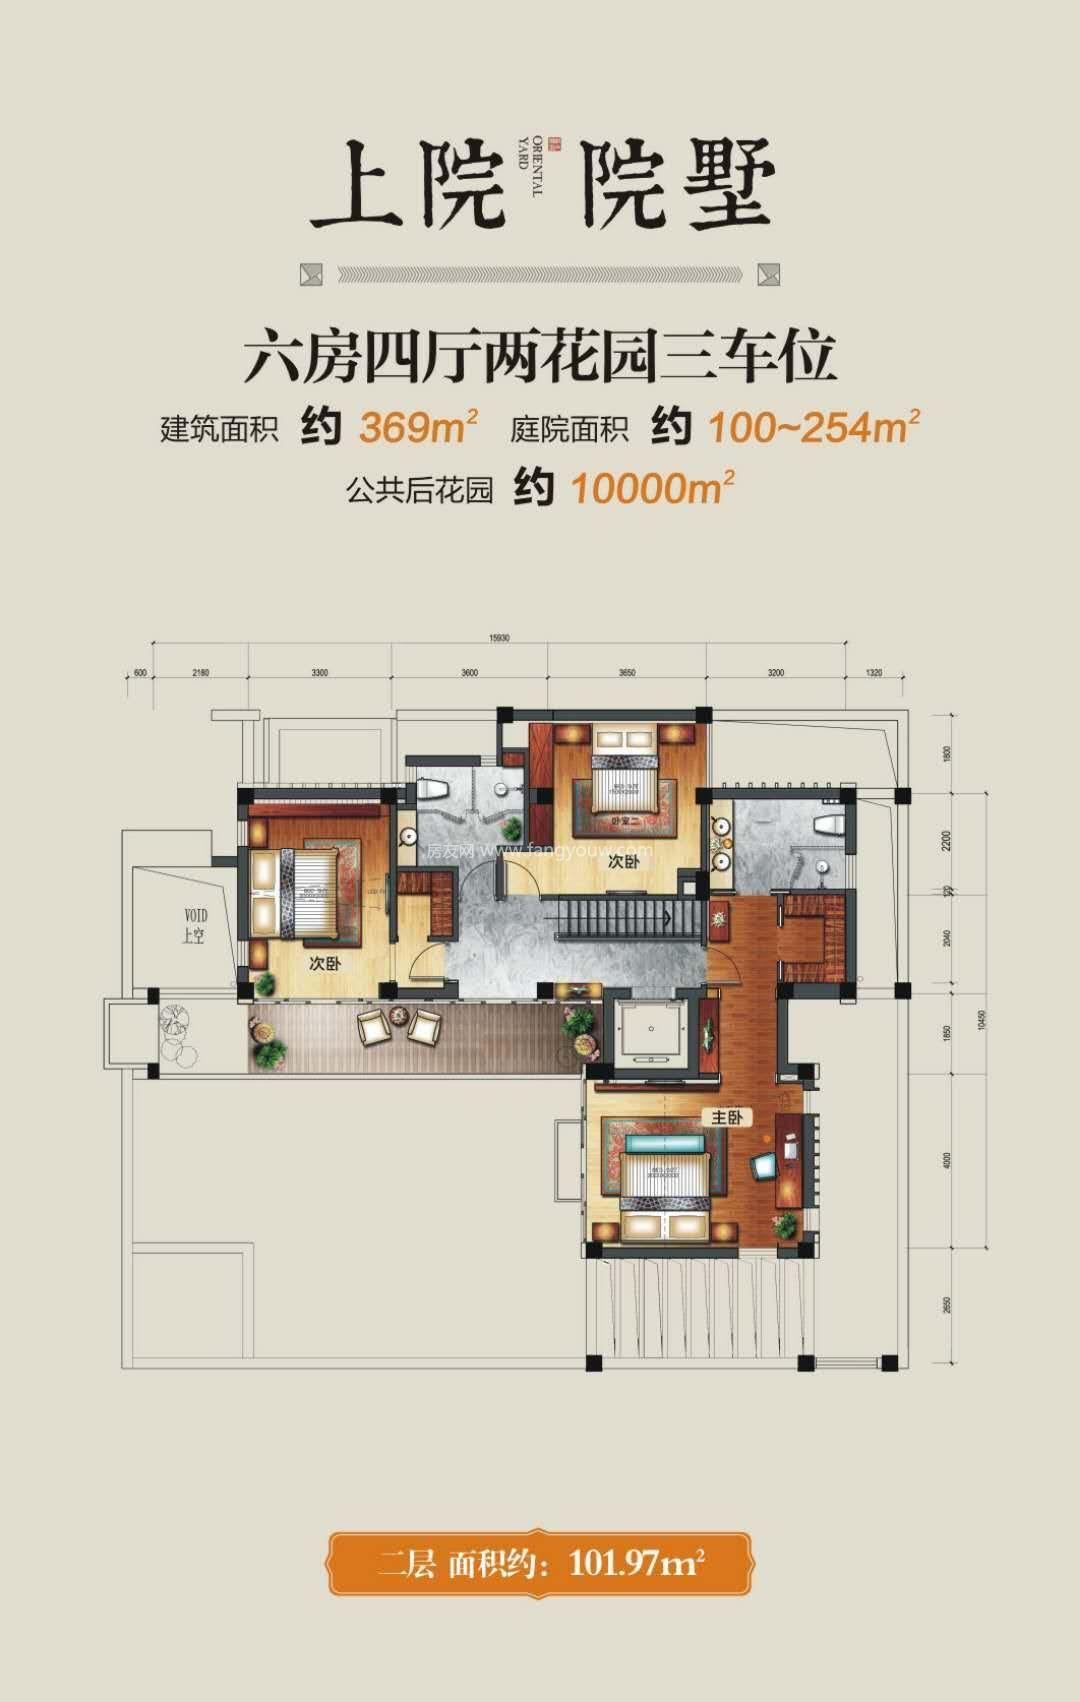 开维生态城 上院别墅二层户型 6房4厅5卫1厨 建面369㎡